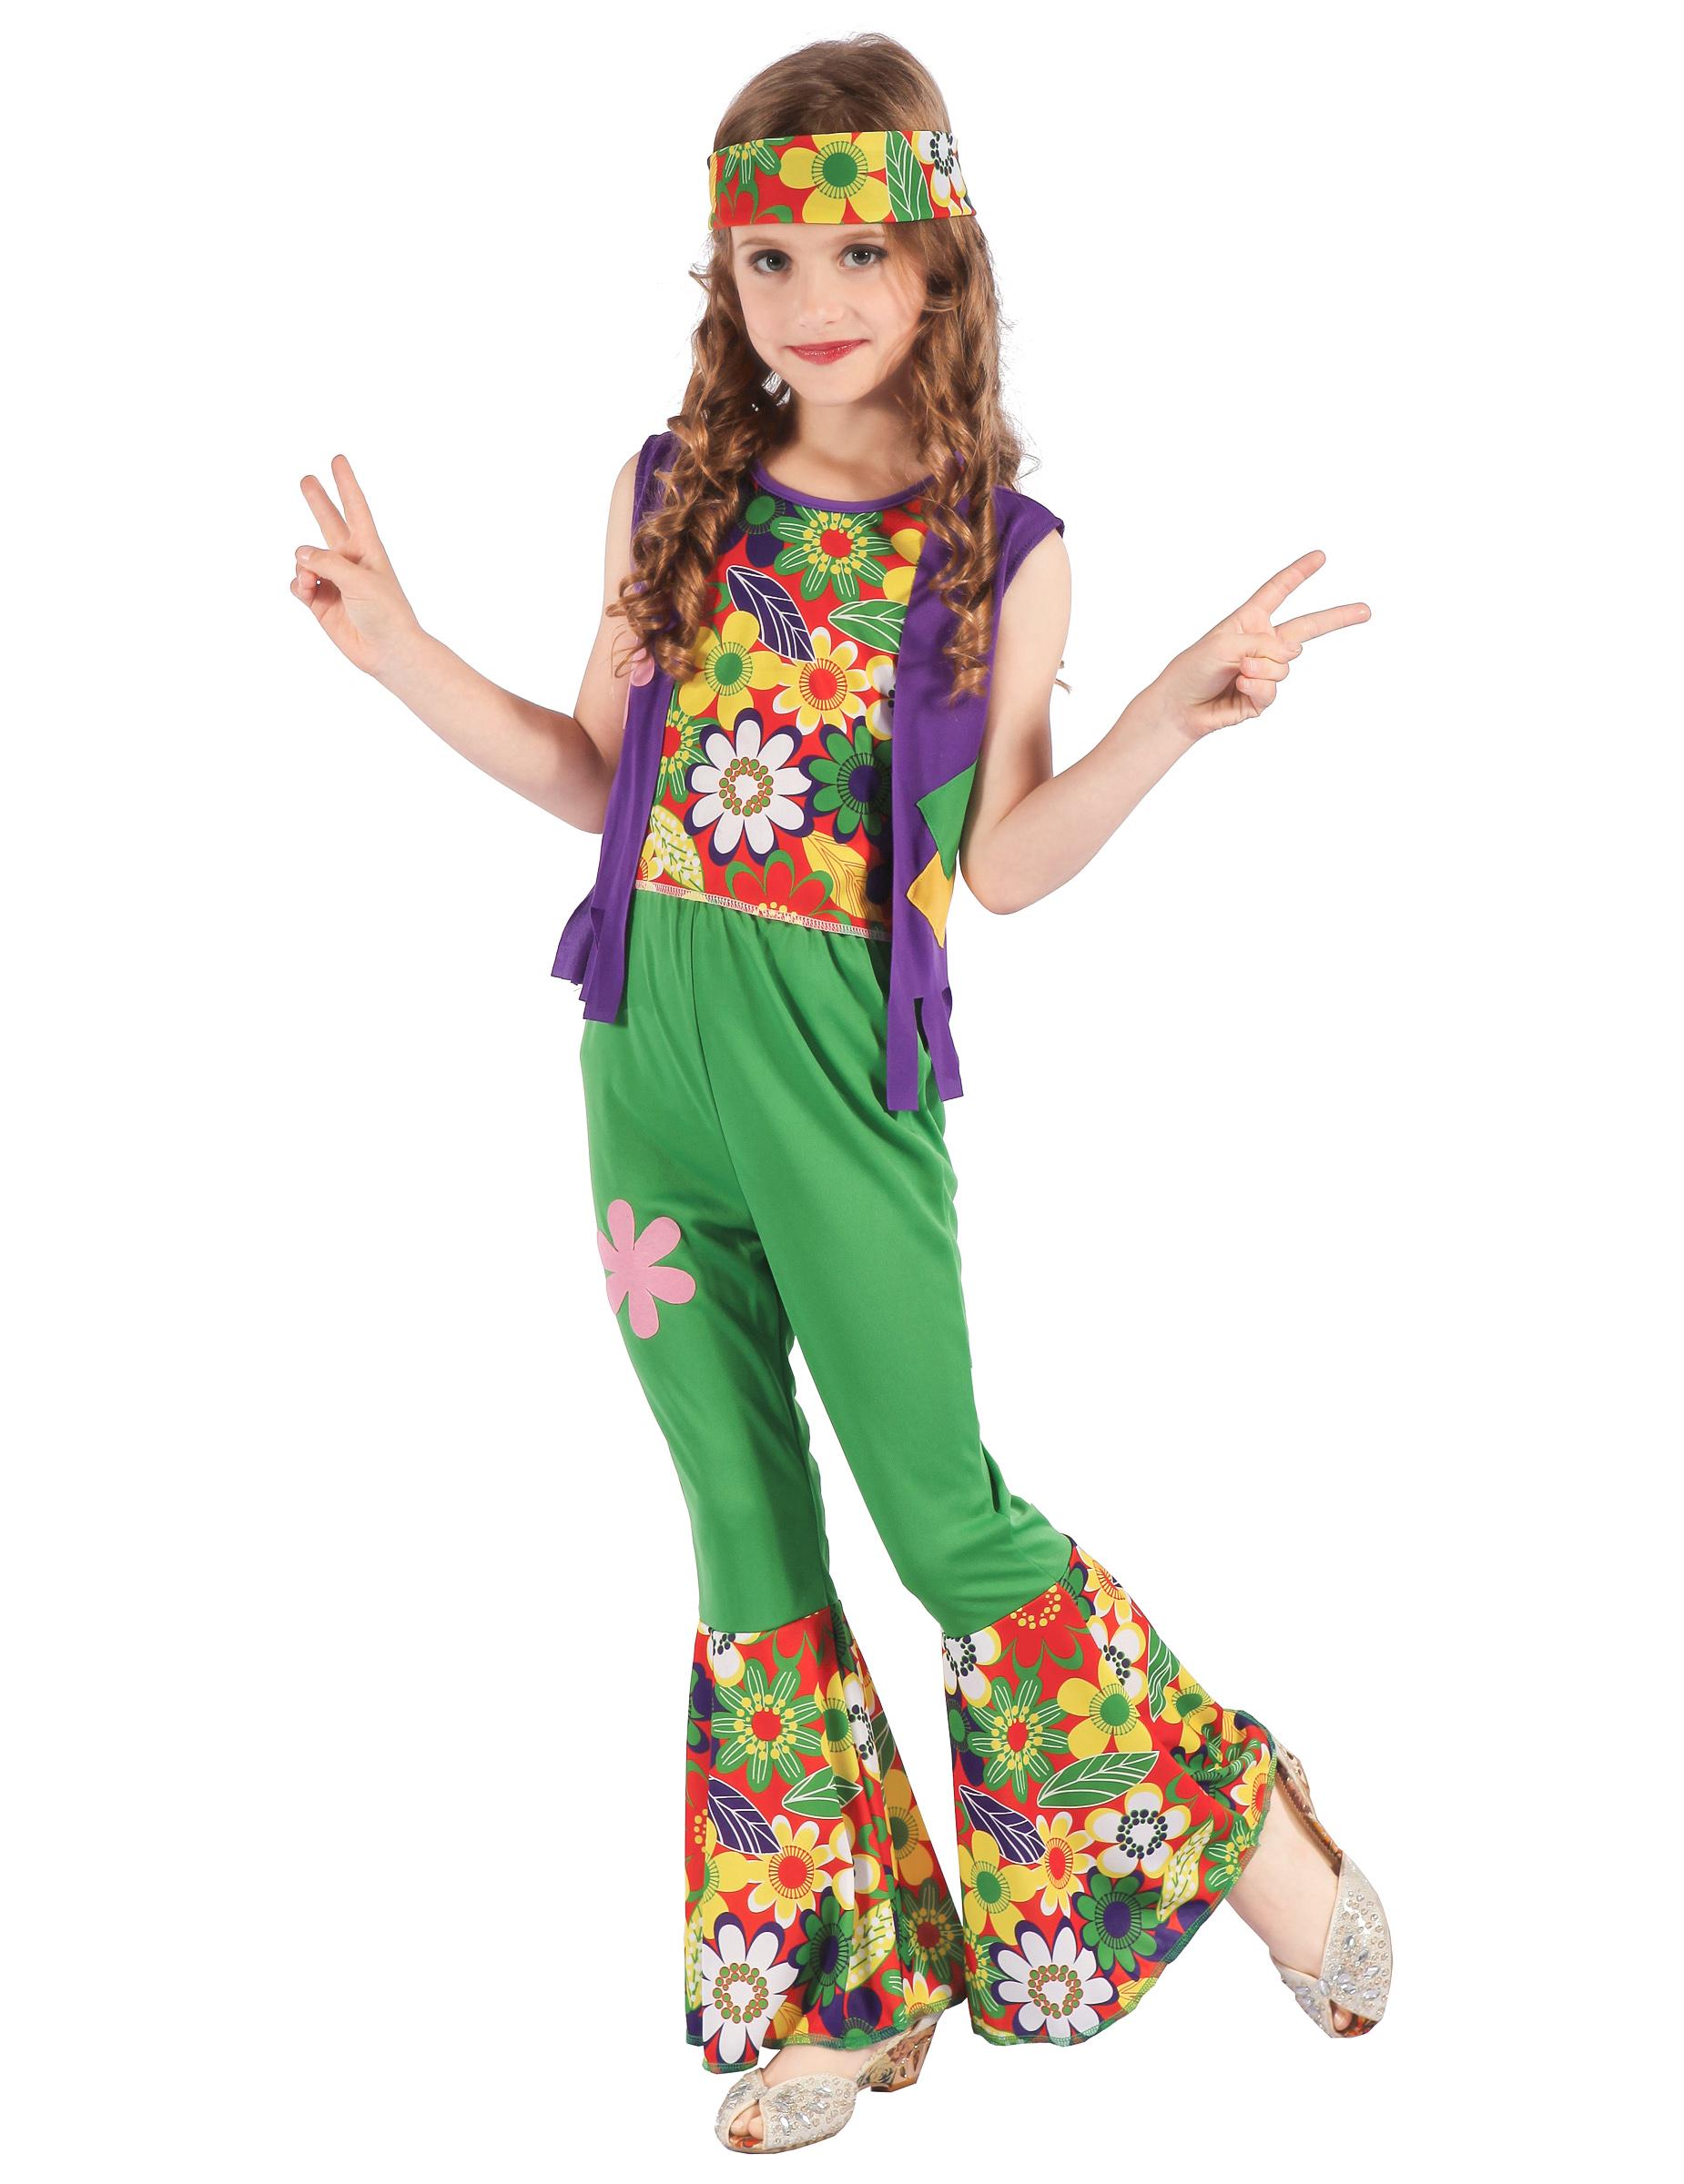 d guisement hippie flower power fille deguise toi achat de d guisements enfants. Black Bedroom Furniture Sets. Home Design Ideas